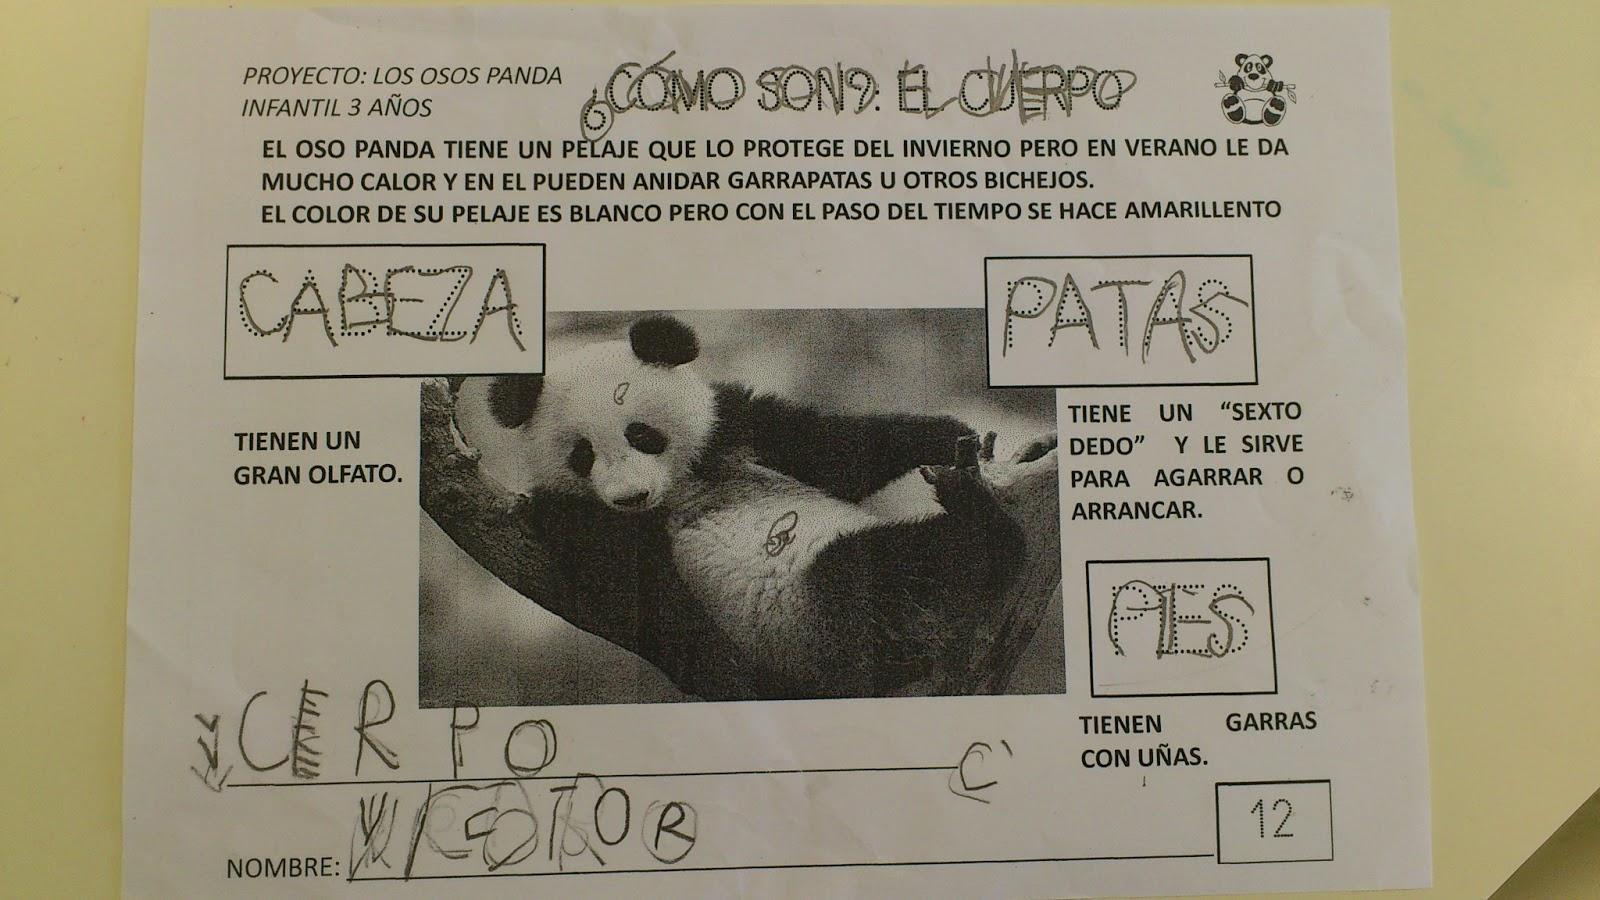 La clase de Laura: EL CUERPO DEL OSO PANDA, SUS PARTES MÁS IMPORTANTES